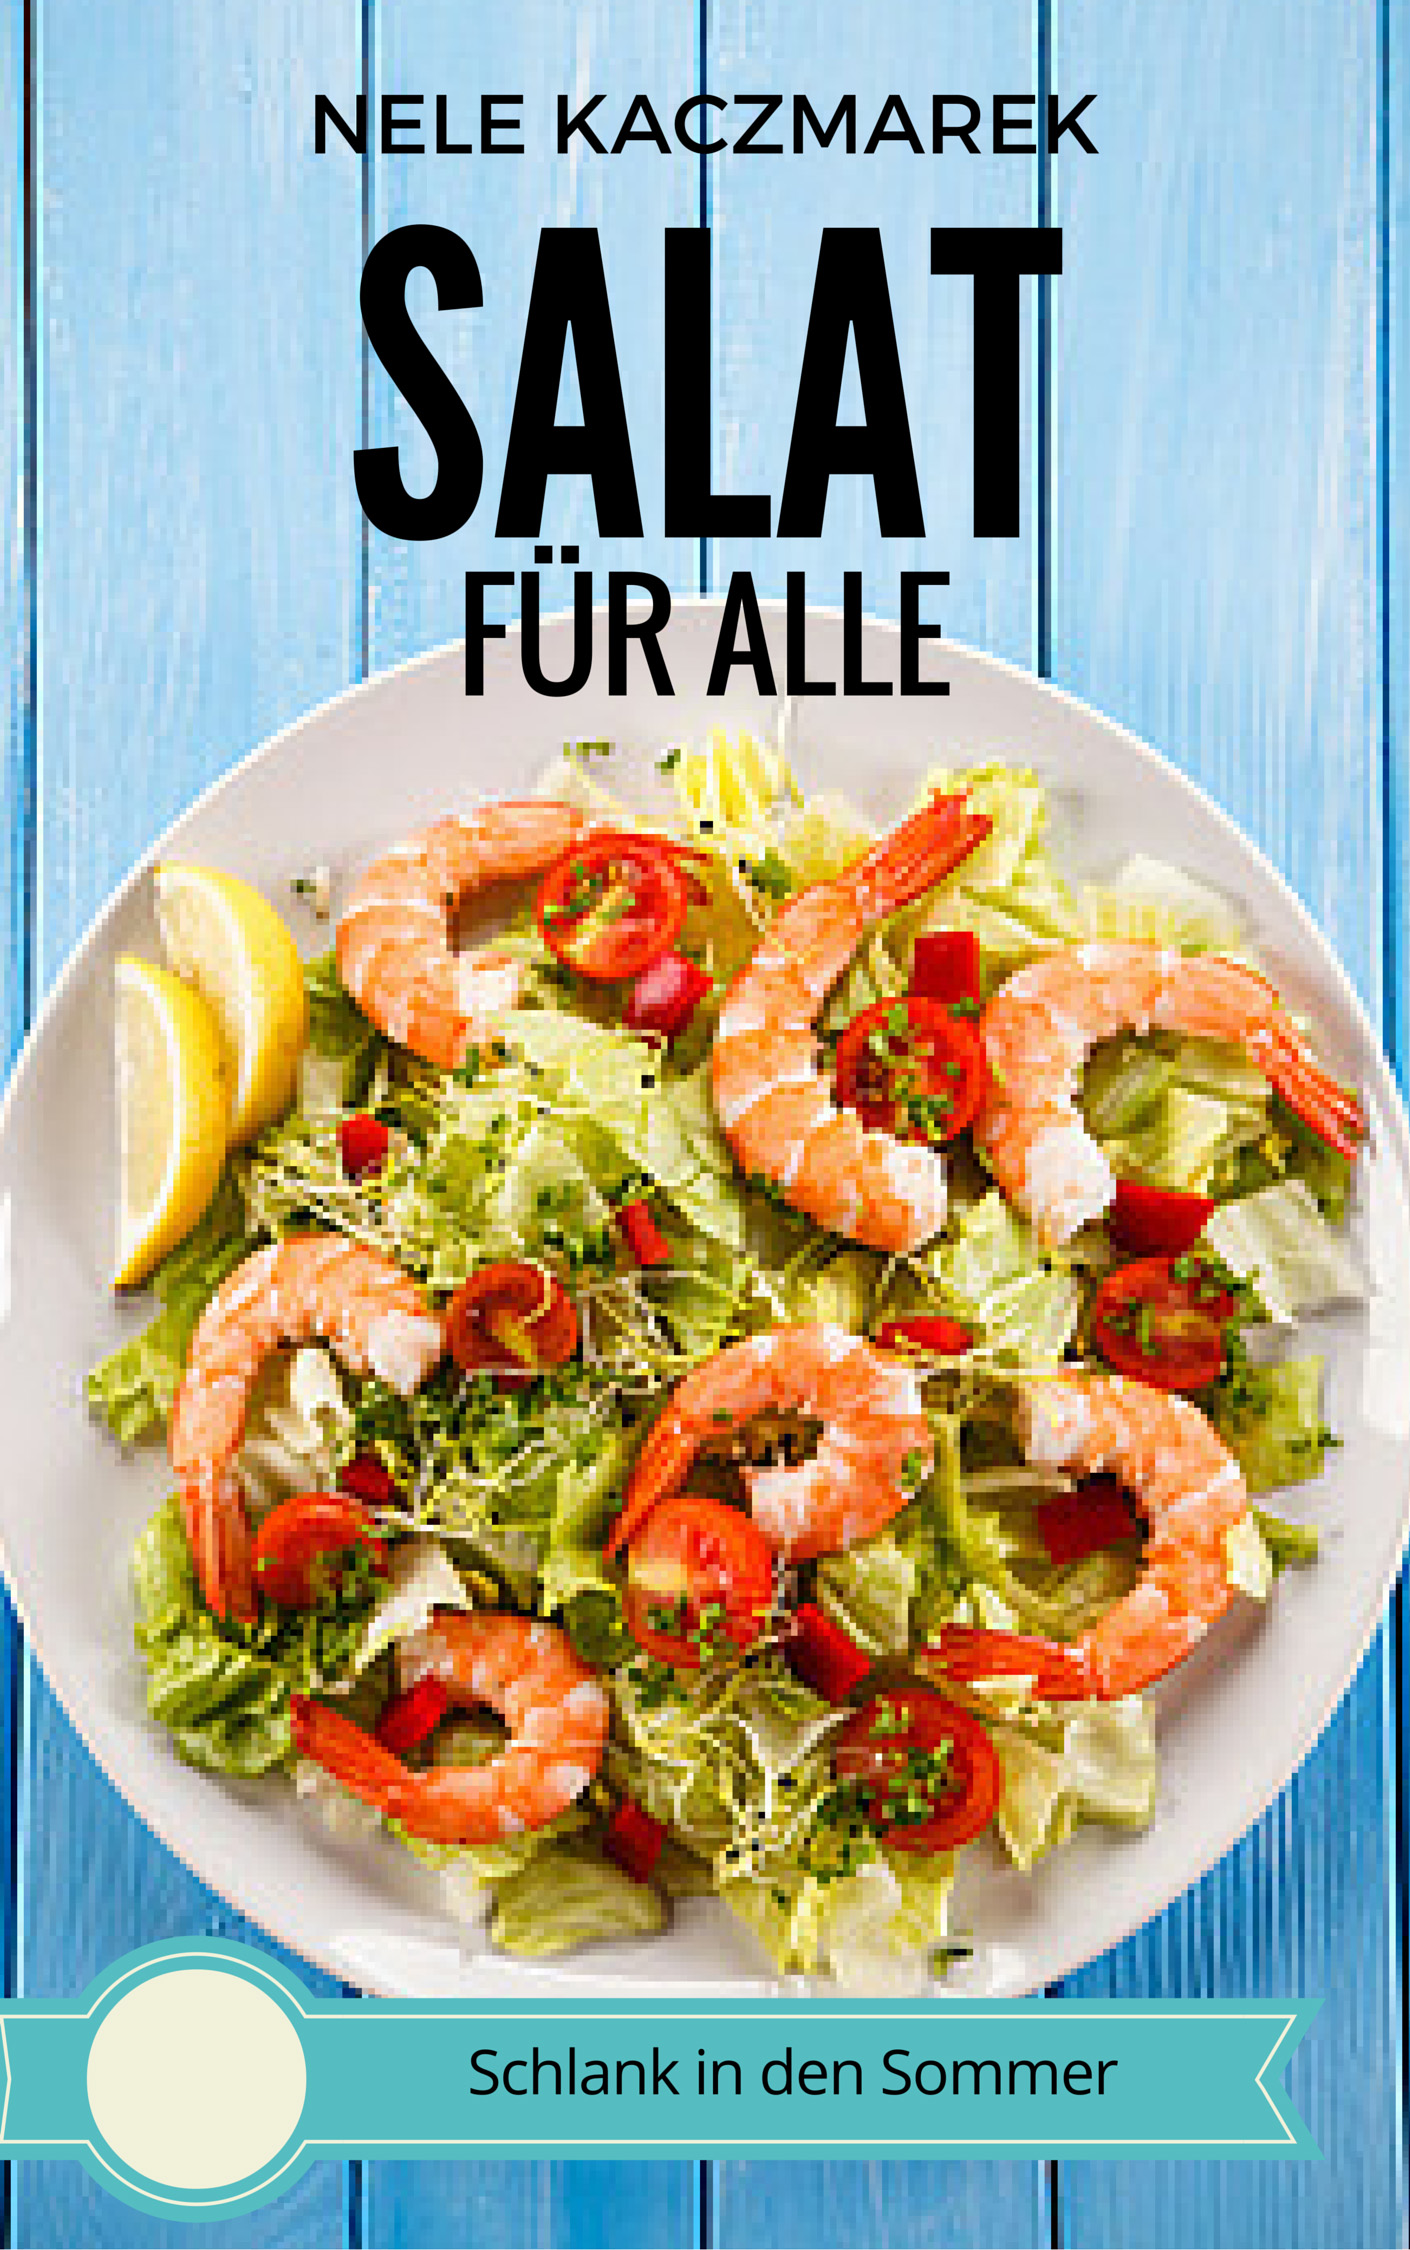 Nele Kaczmarek – Salat für Alle – Schlank, Gesund & Lecker in den Sommer